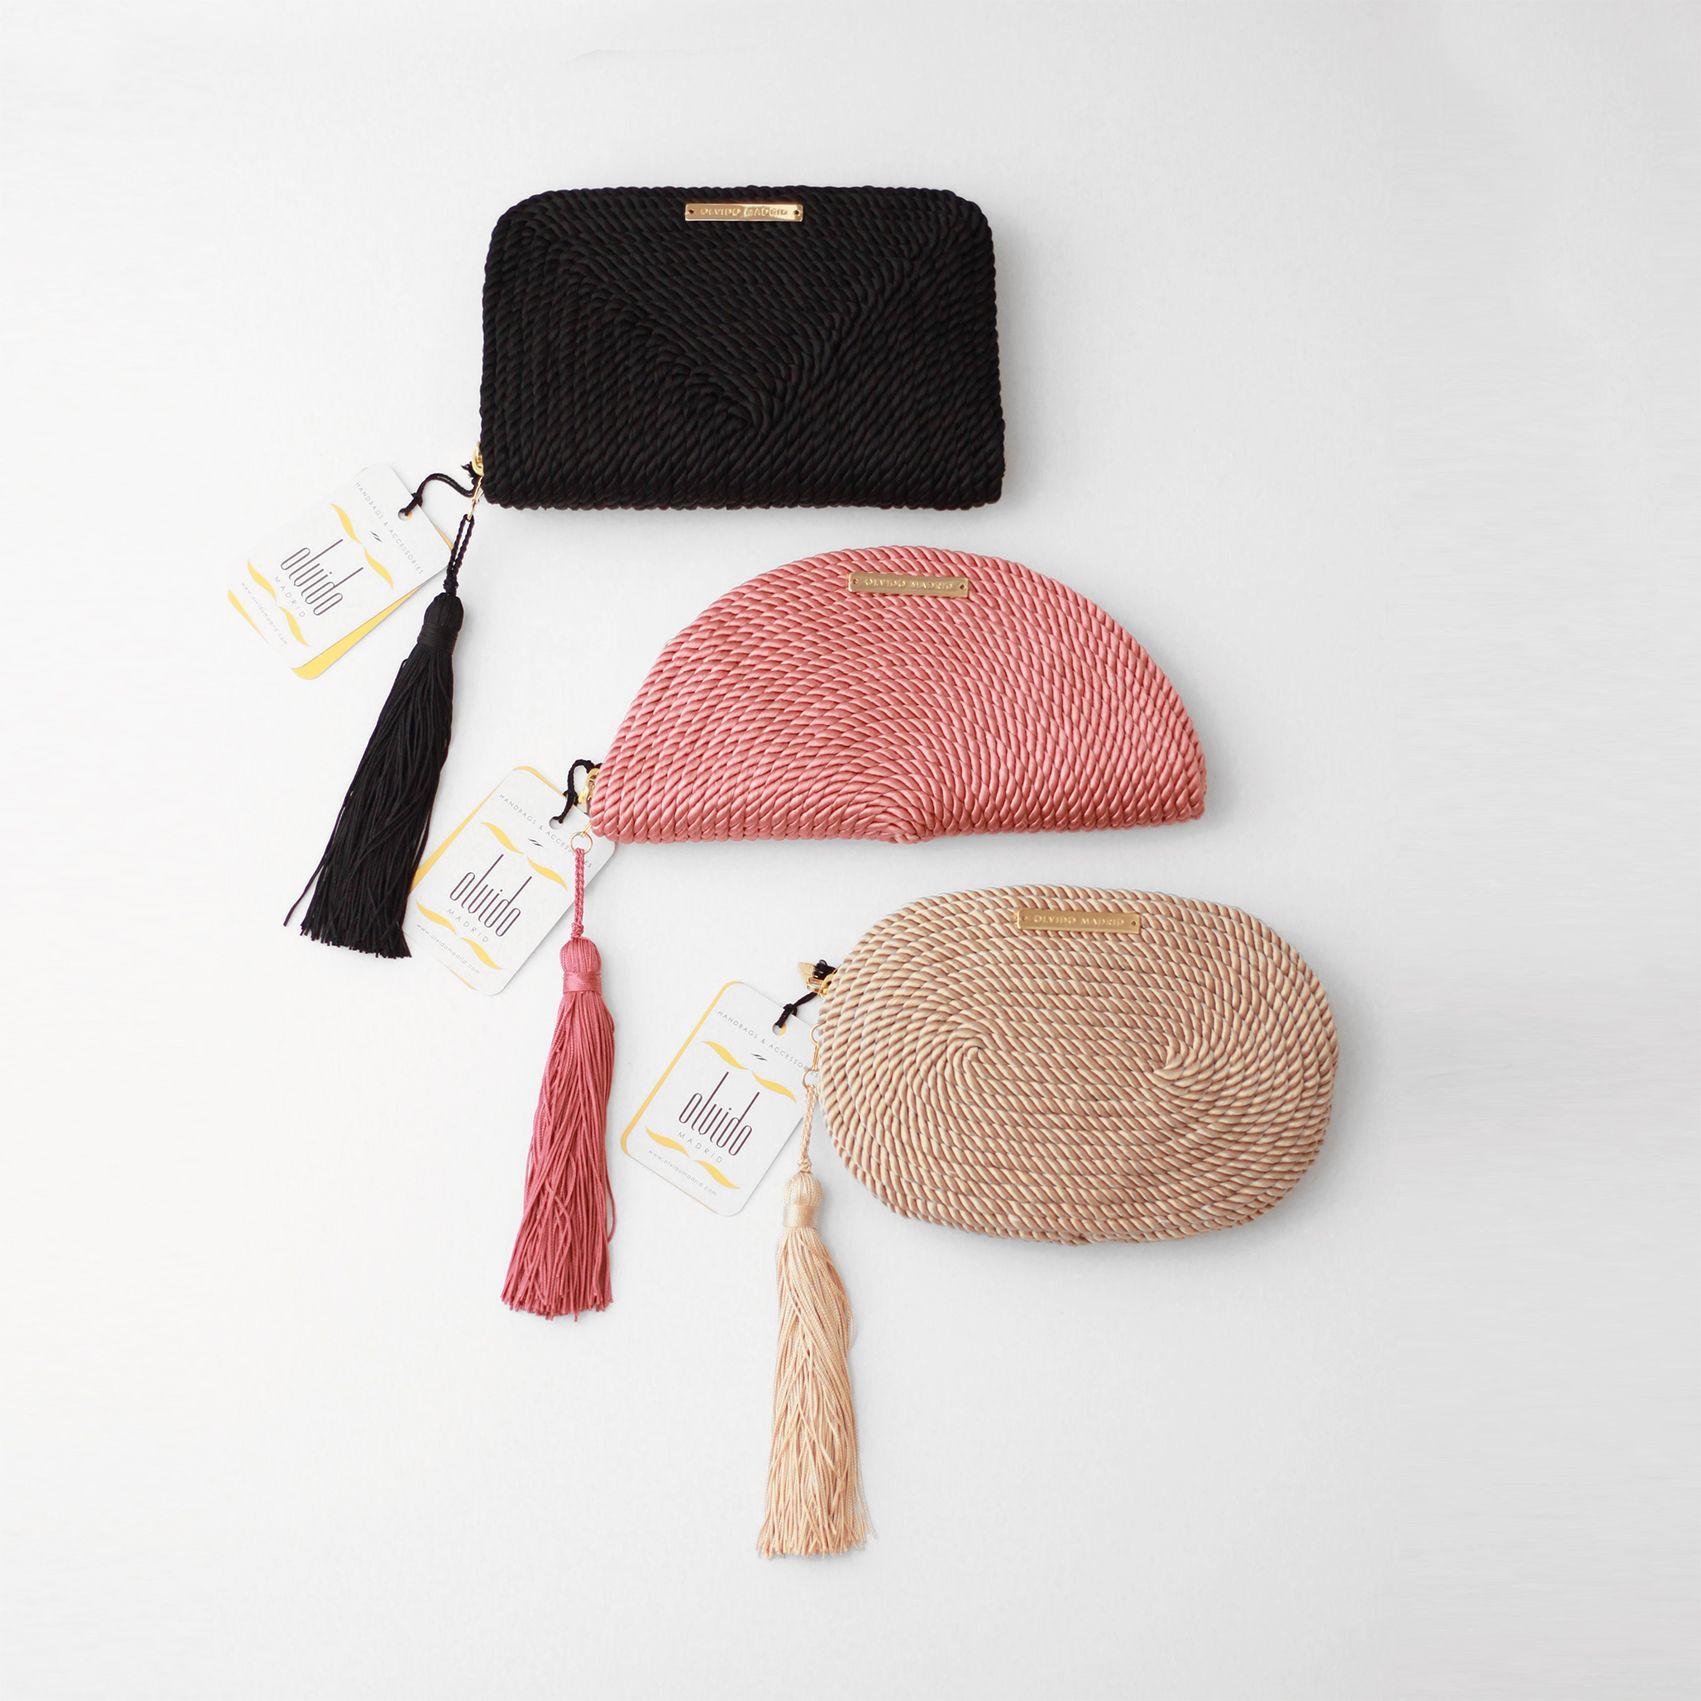 95a746d6a Bolsos de fiesta hecho en cordón de seda | Modelo Jimena en negro, Carmen  en rosa pastel y Antonia en nude | Diseños OLVIDO MADRID |  www.olvidomadrid.es